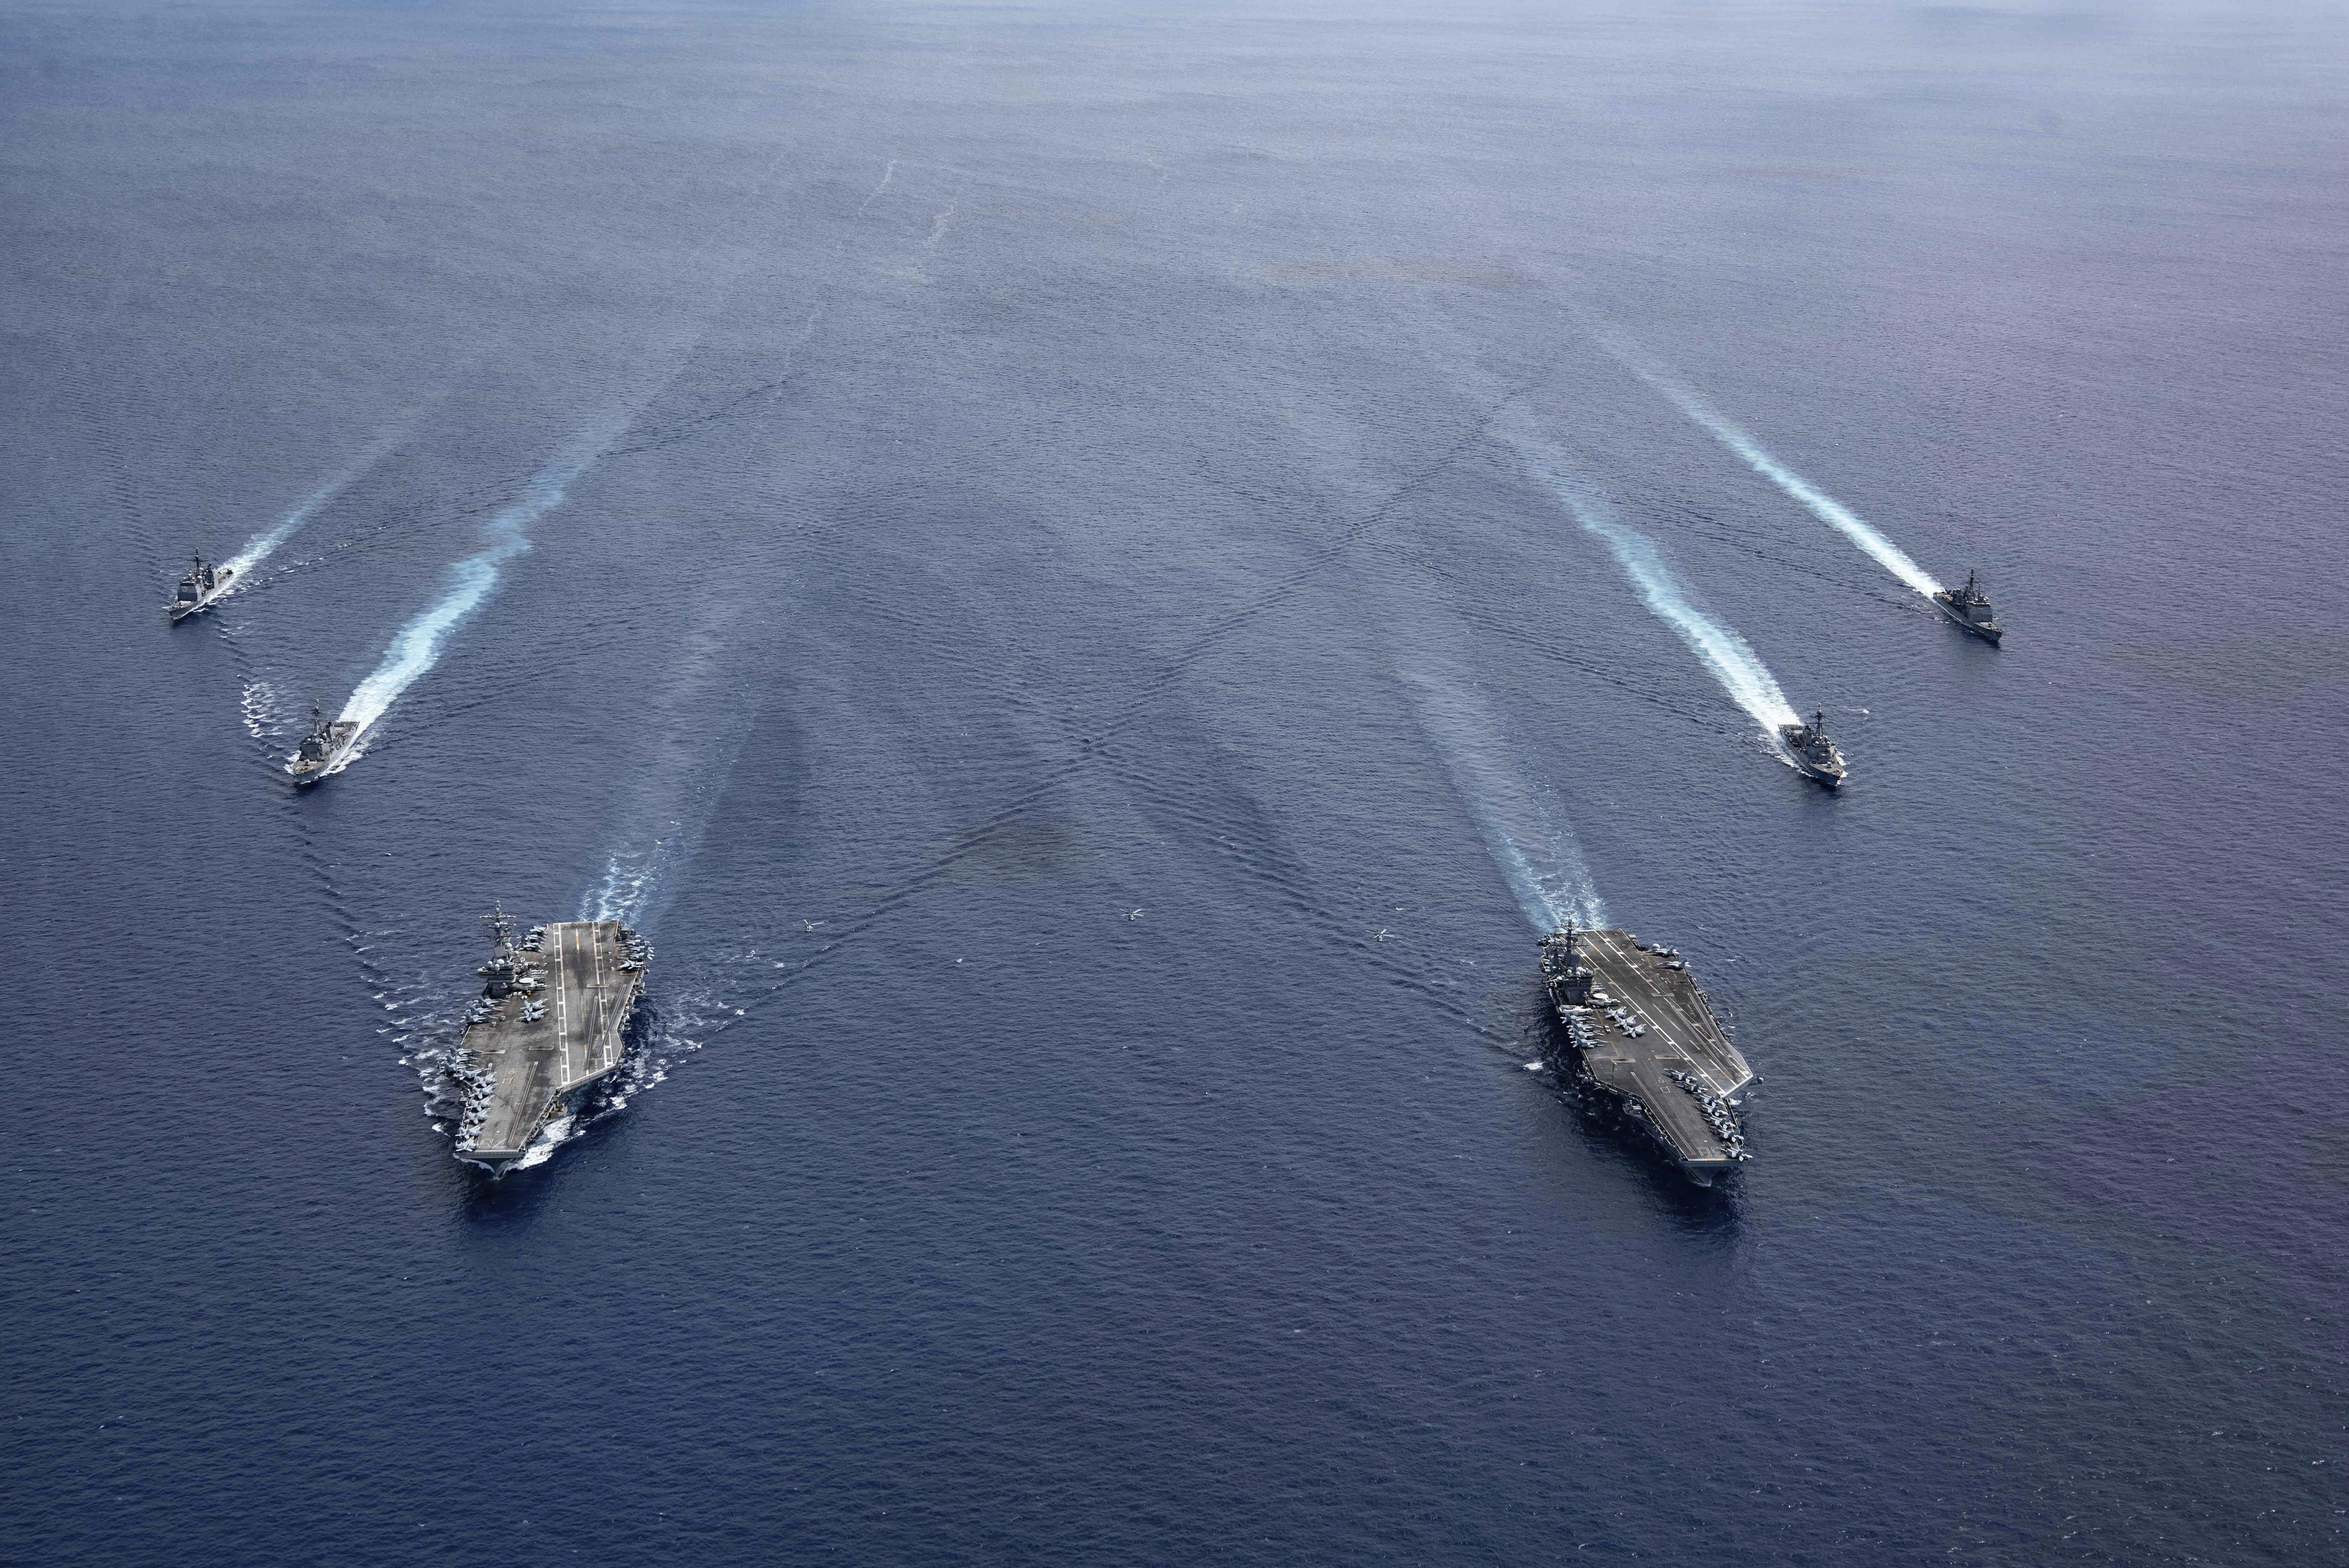 印太司令部,第一島鏈,美中關係,拜登,自由航行,第一艦隊,第七艦隊